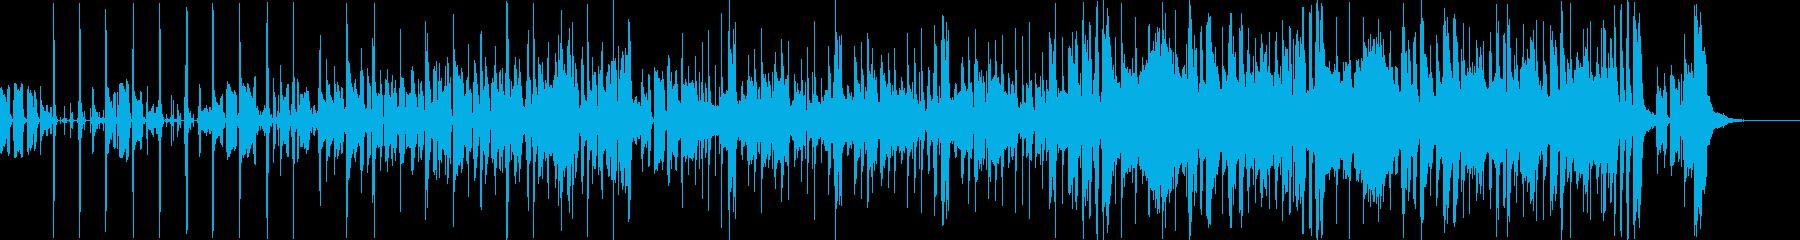 全て生楽器!キレキレホーンの短いファンクの再生済みの波形